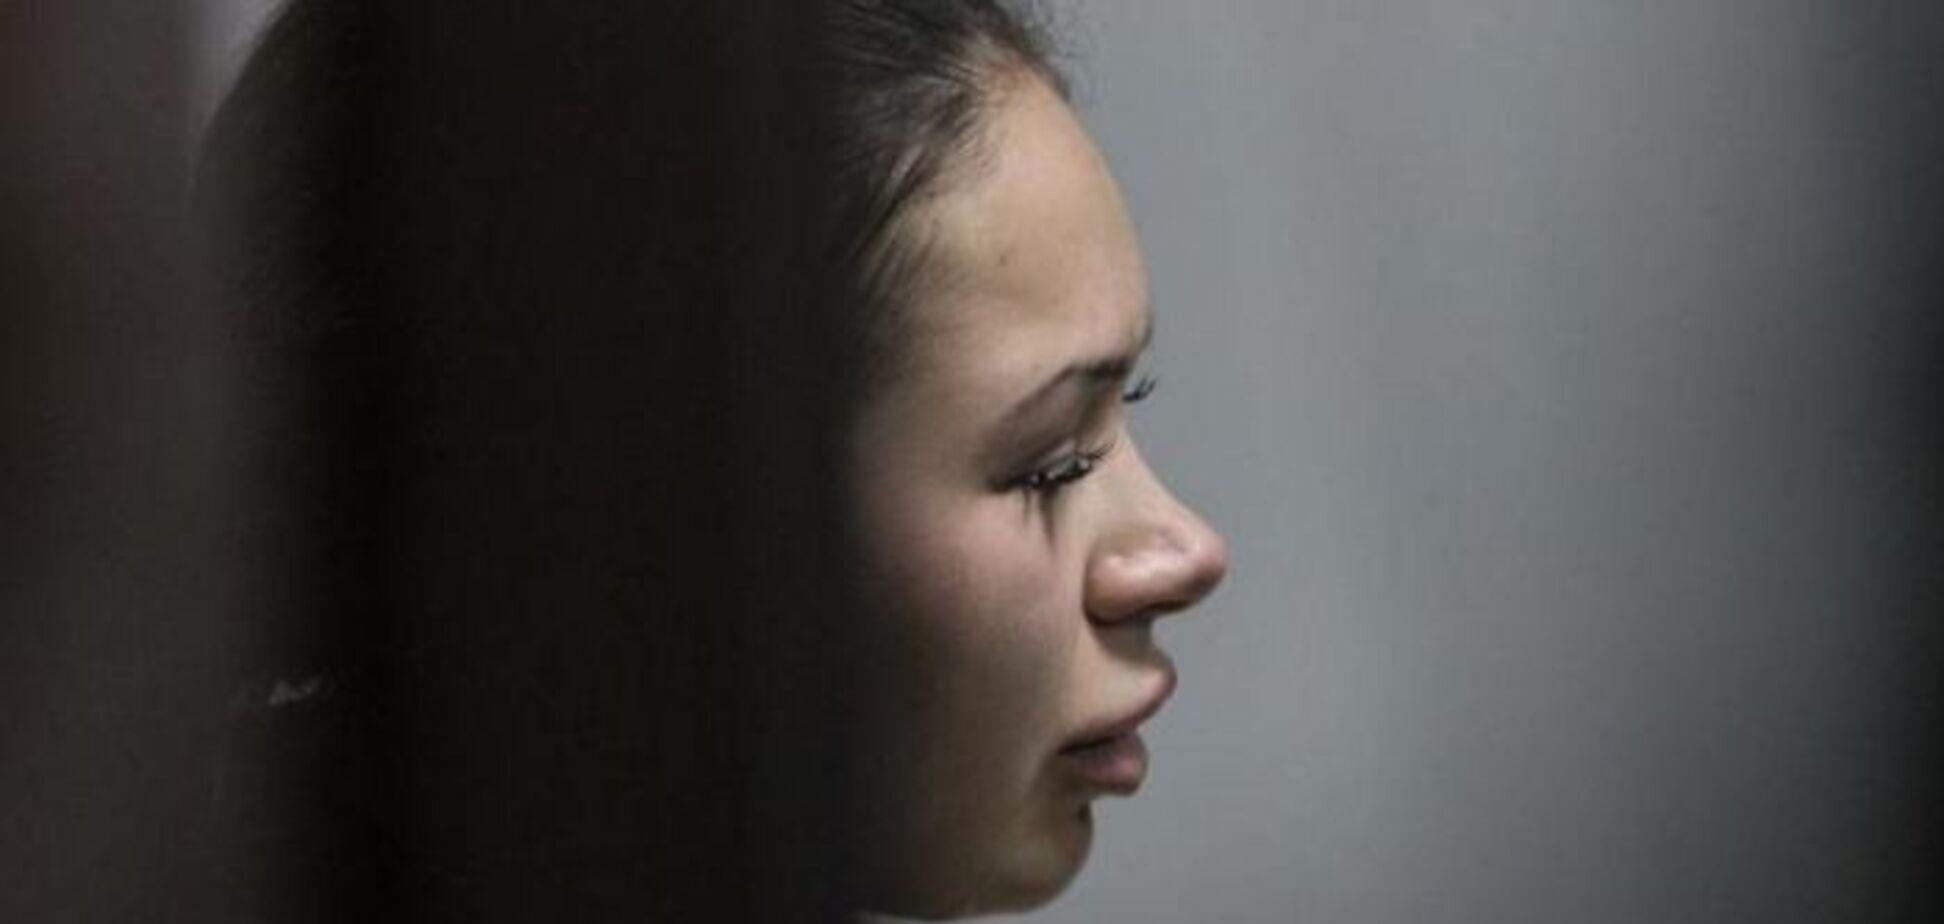 Подруга матери - в органах: всплыл скандальный нюанс в деле Зайцевой